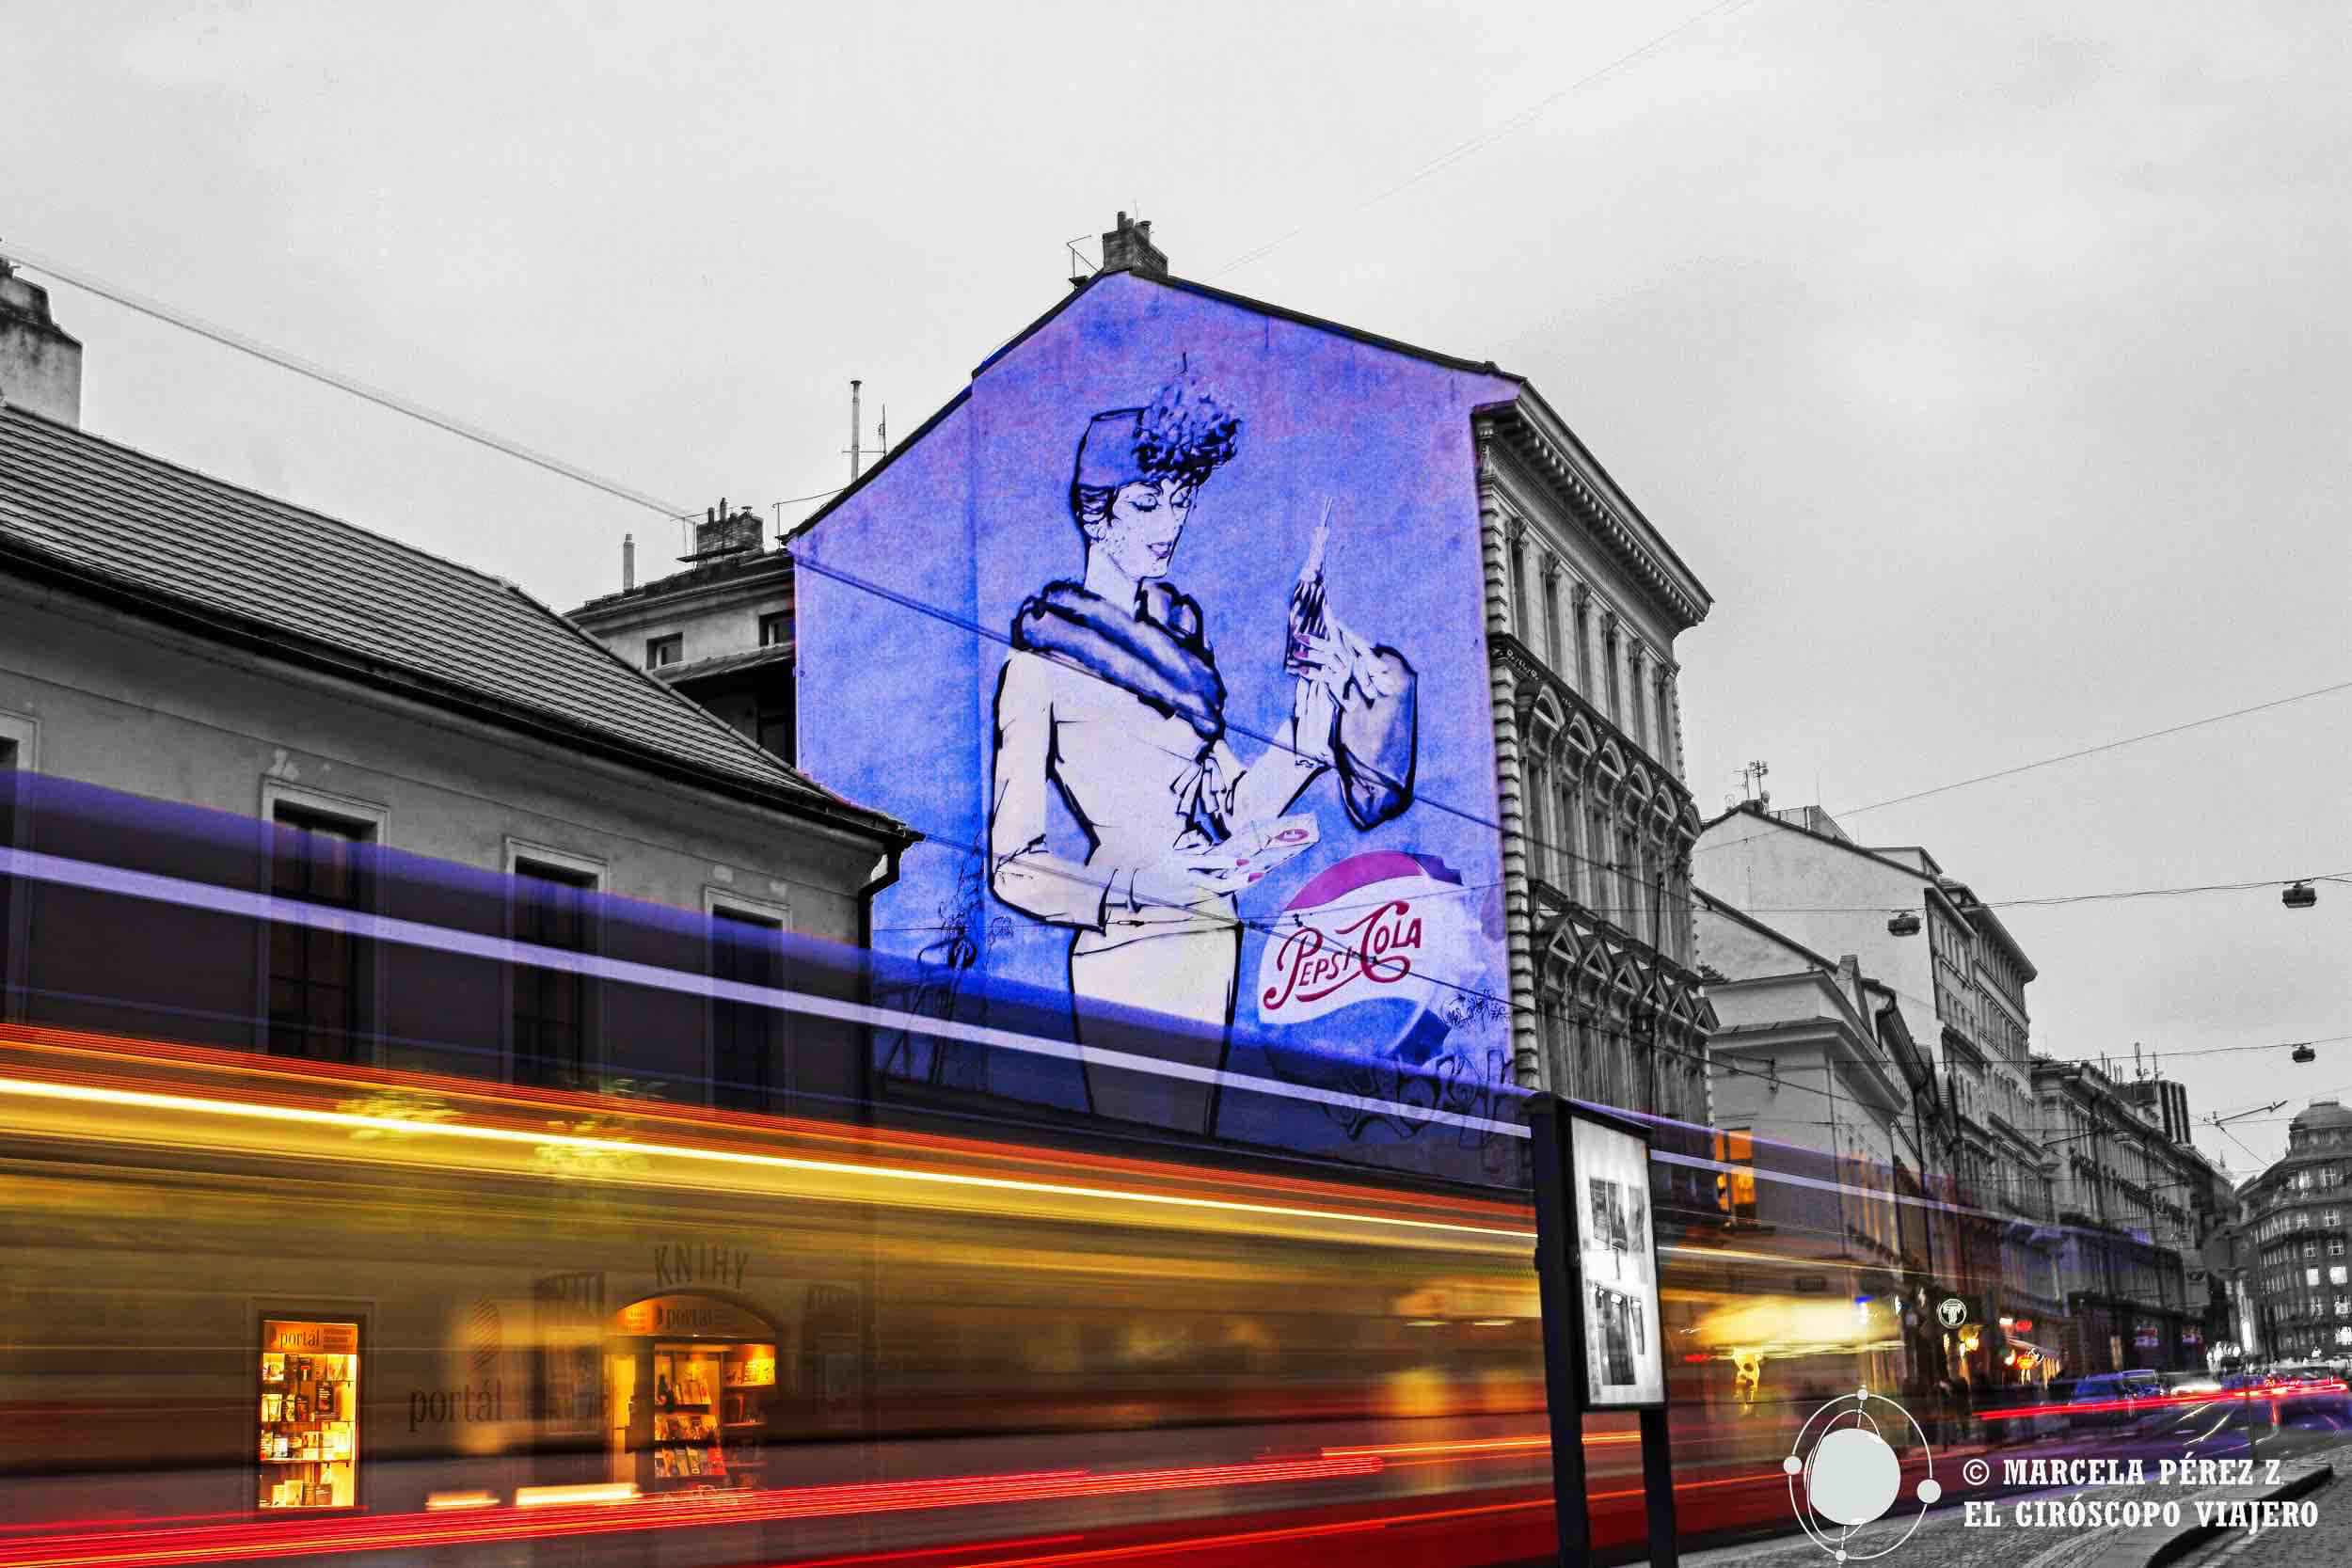 Tranvía de Praga con un graffiti en un edificio de Praga